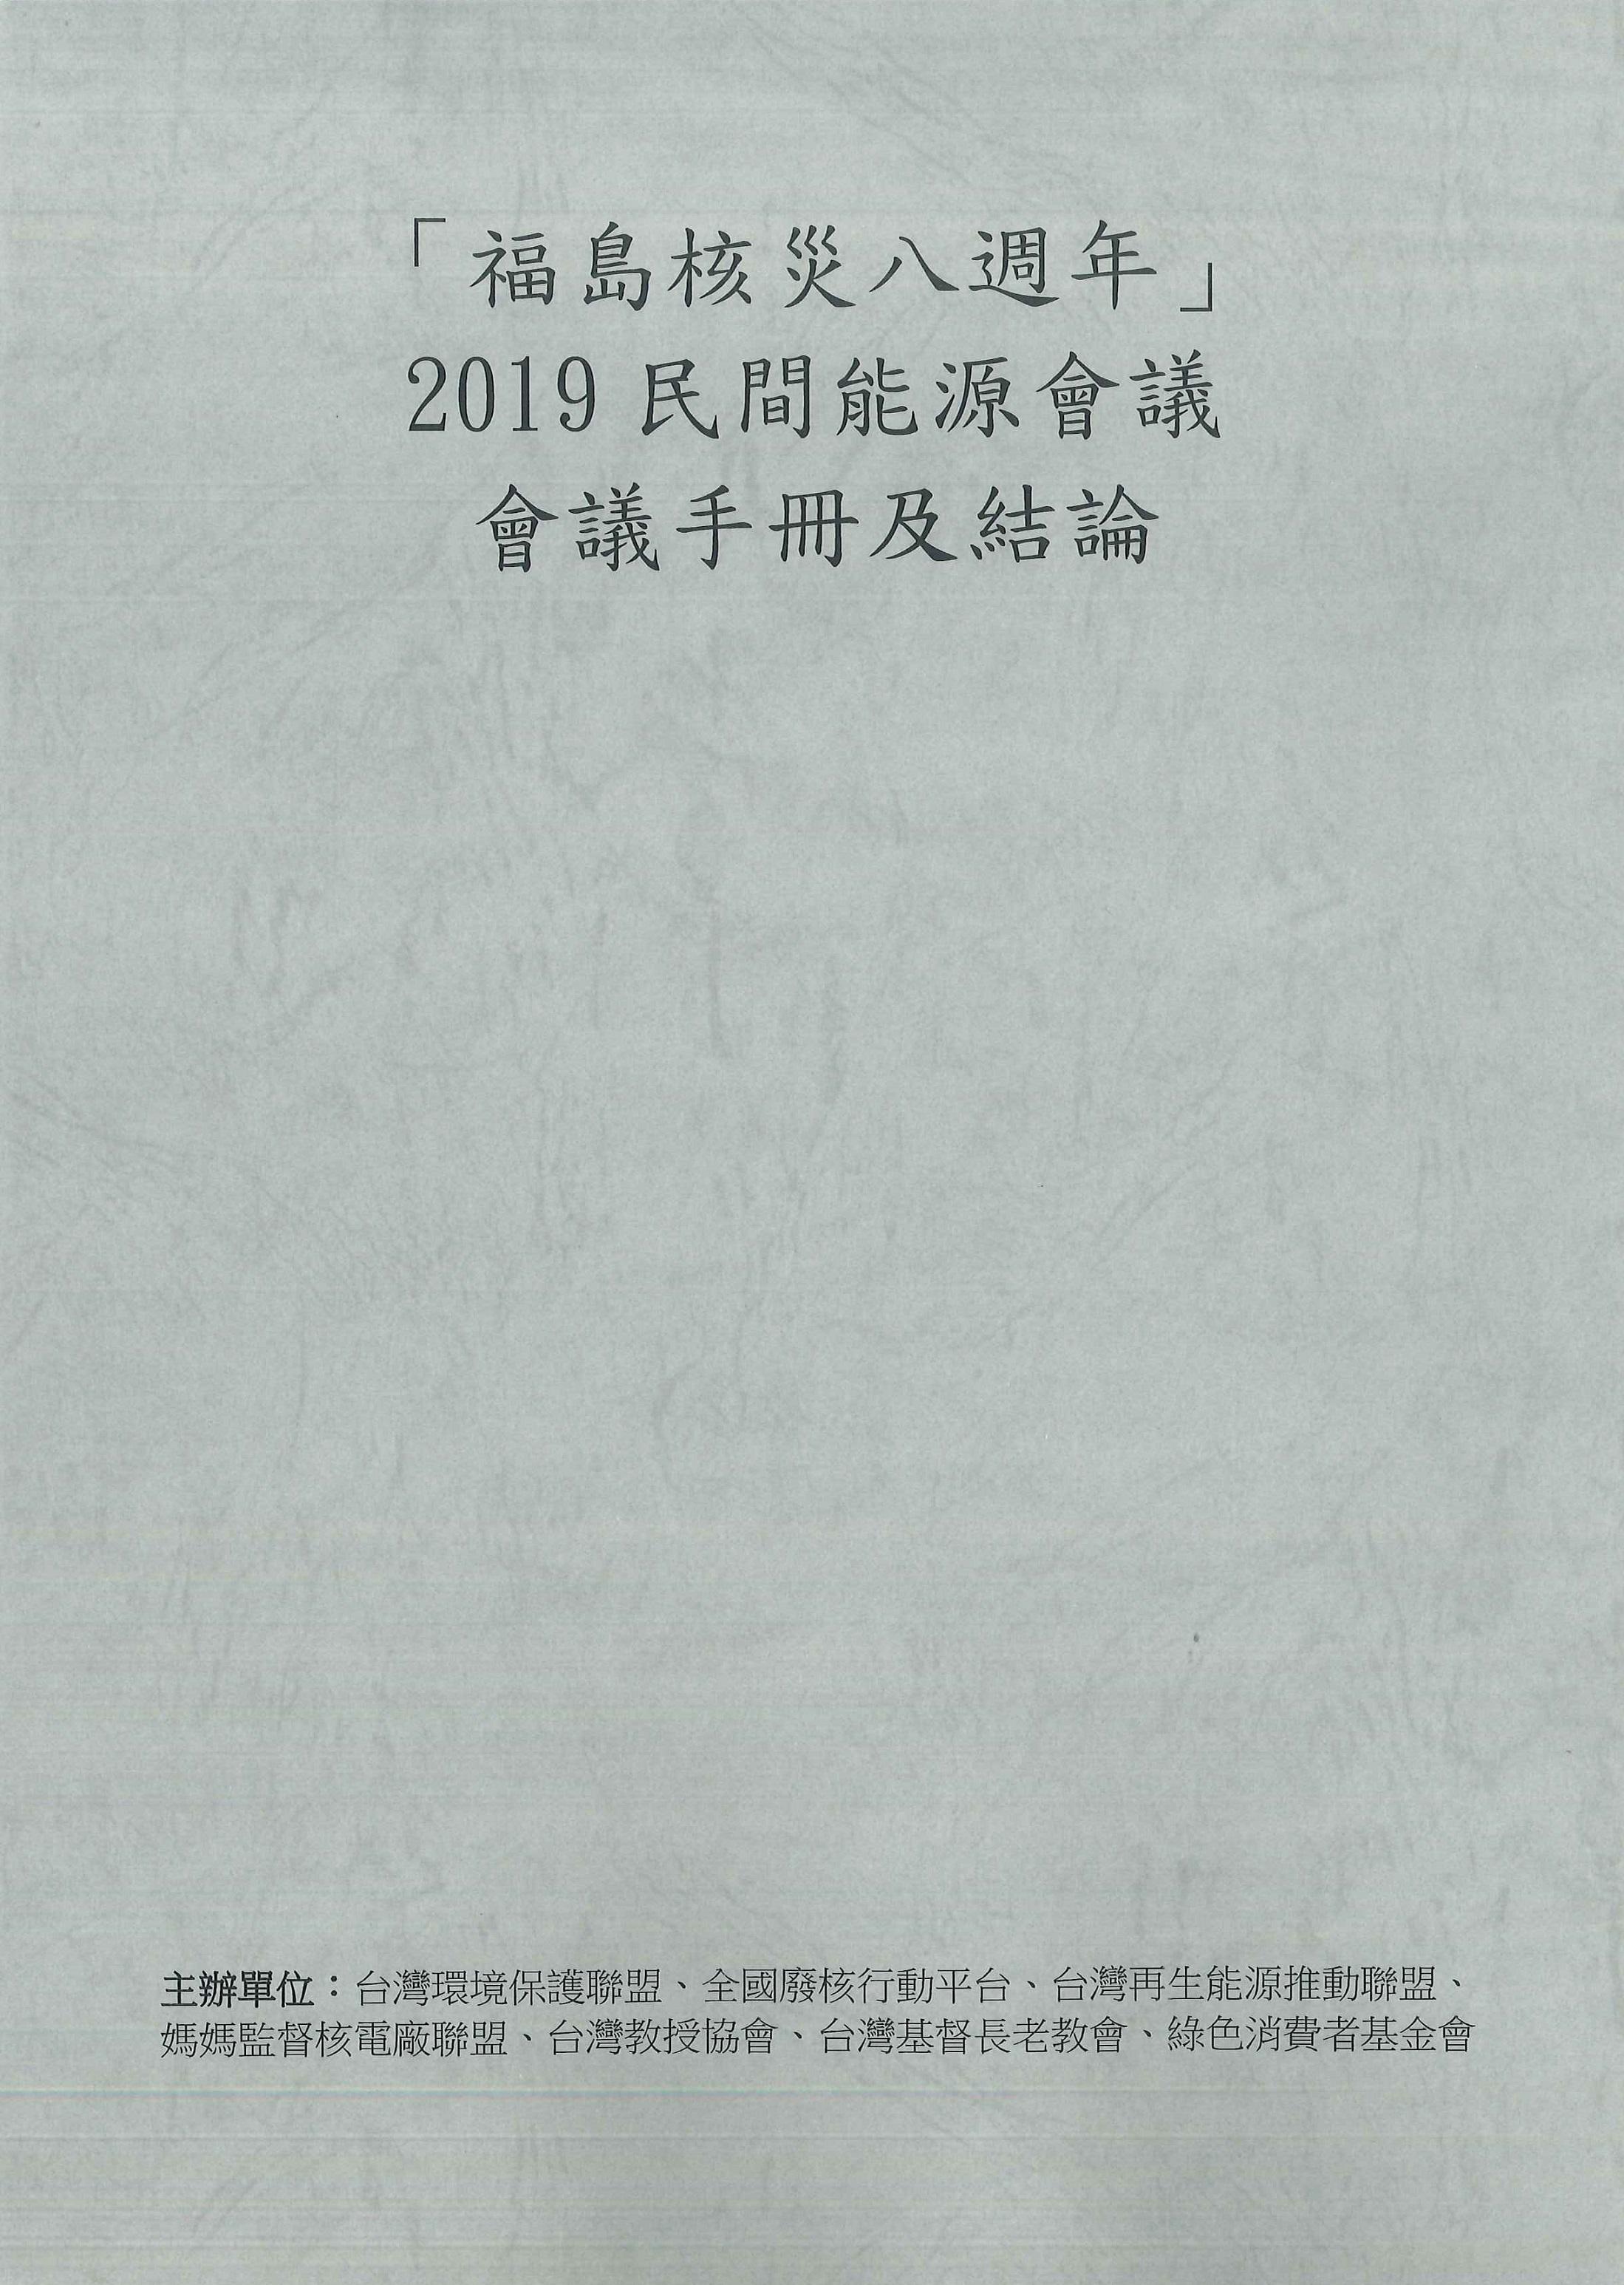 「福島核災八週年」2019民間能源會議:會議手冊及結論